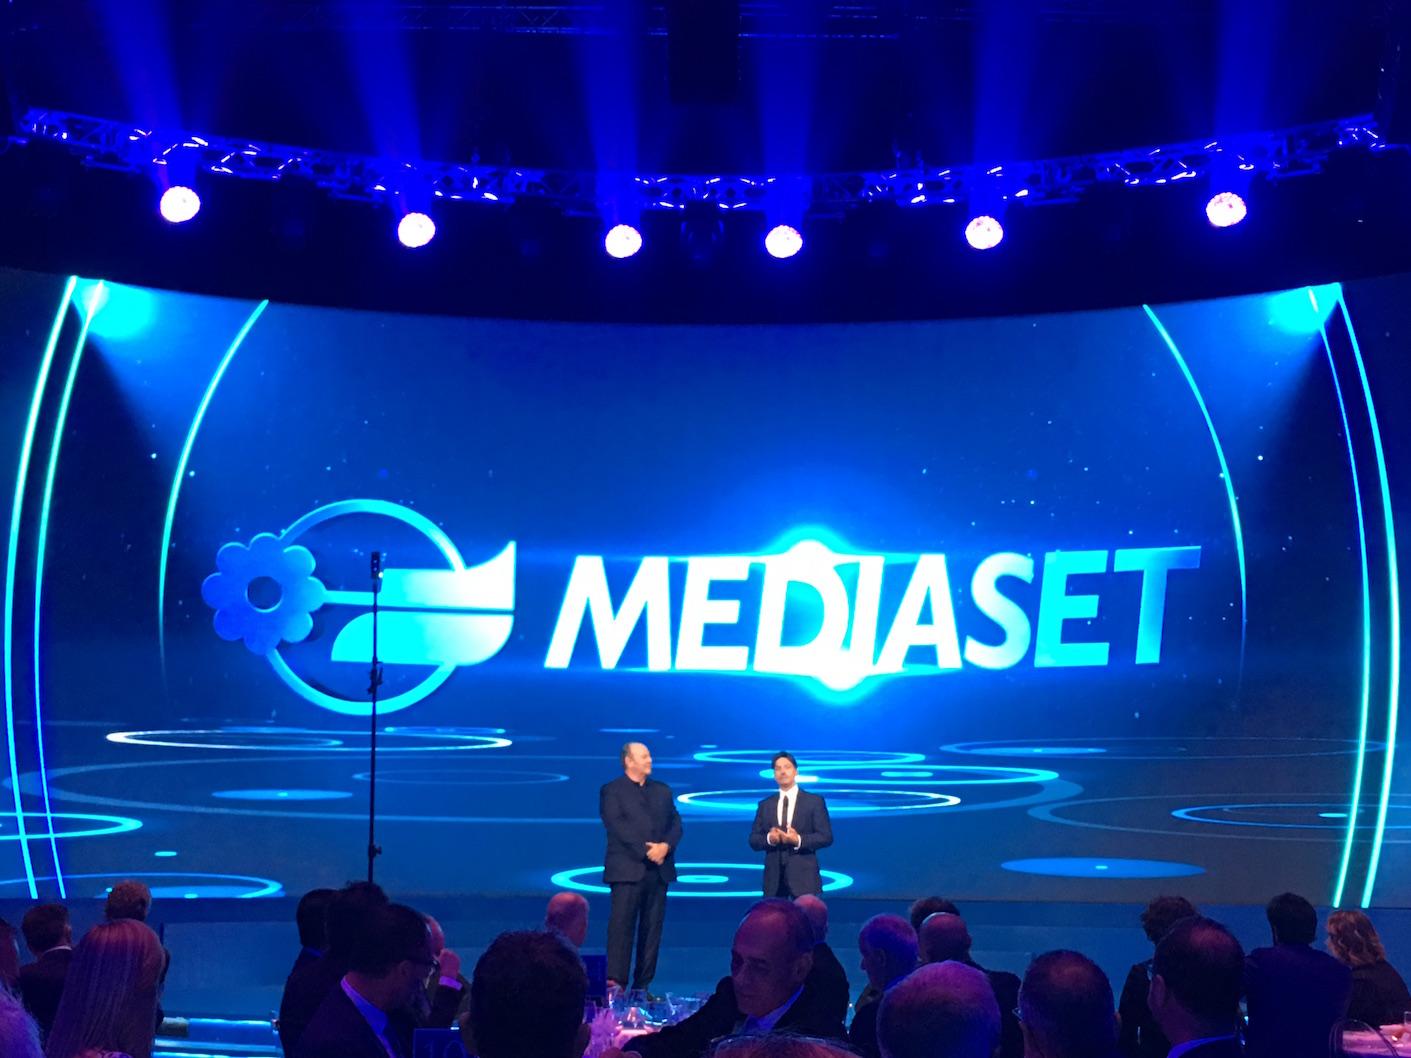 Palinsesti Mediaset: Piersilvio Berlusconi rilancia il futuro del gruppo